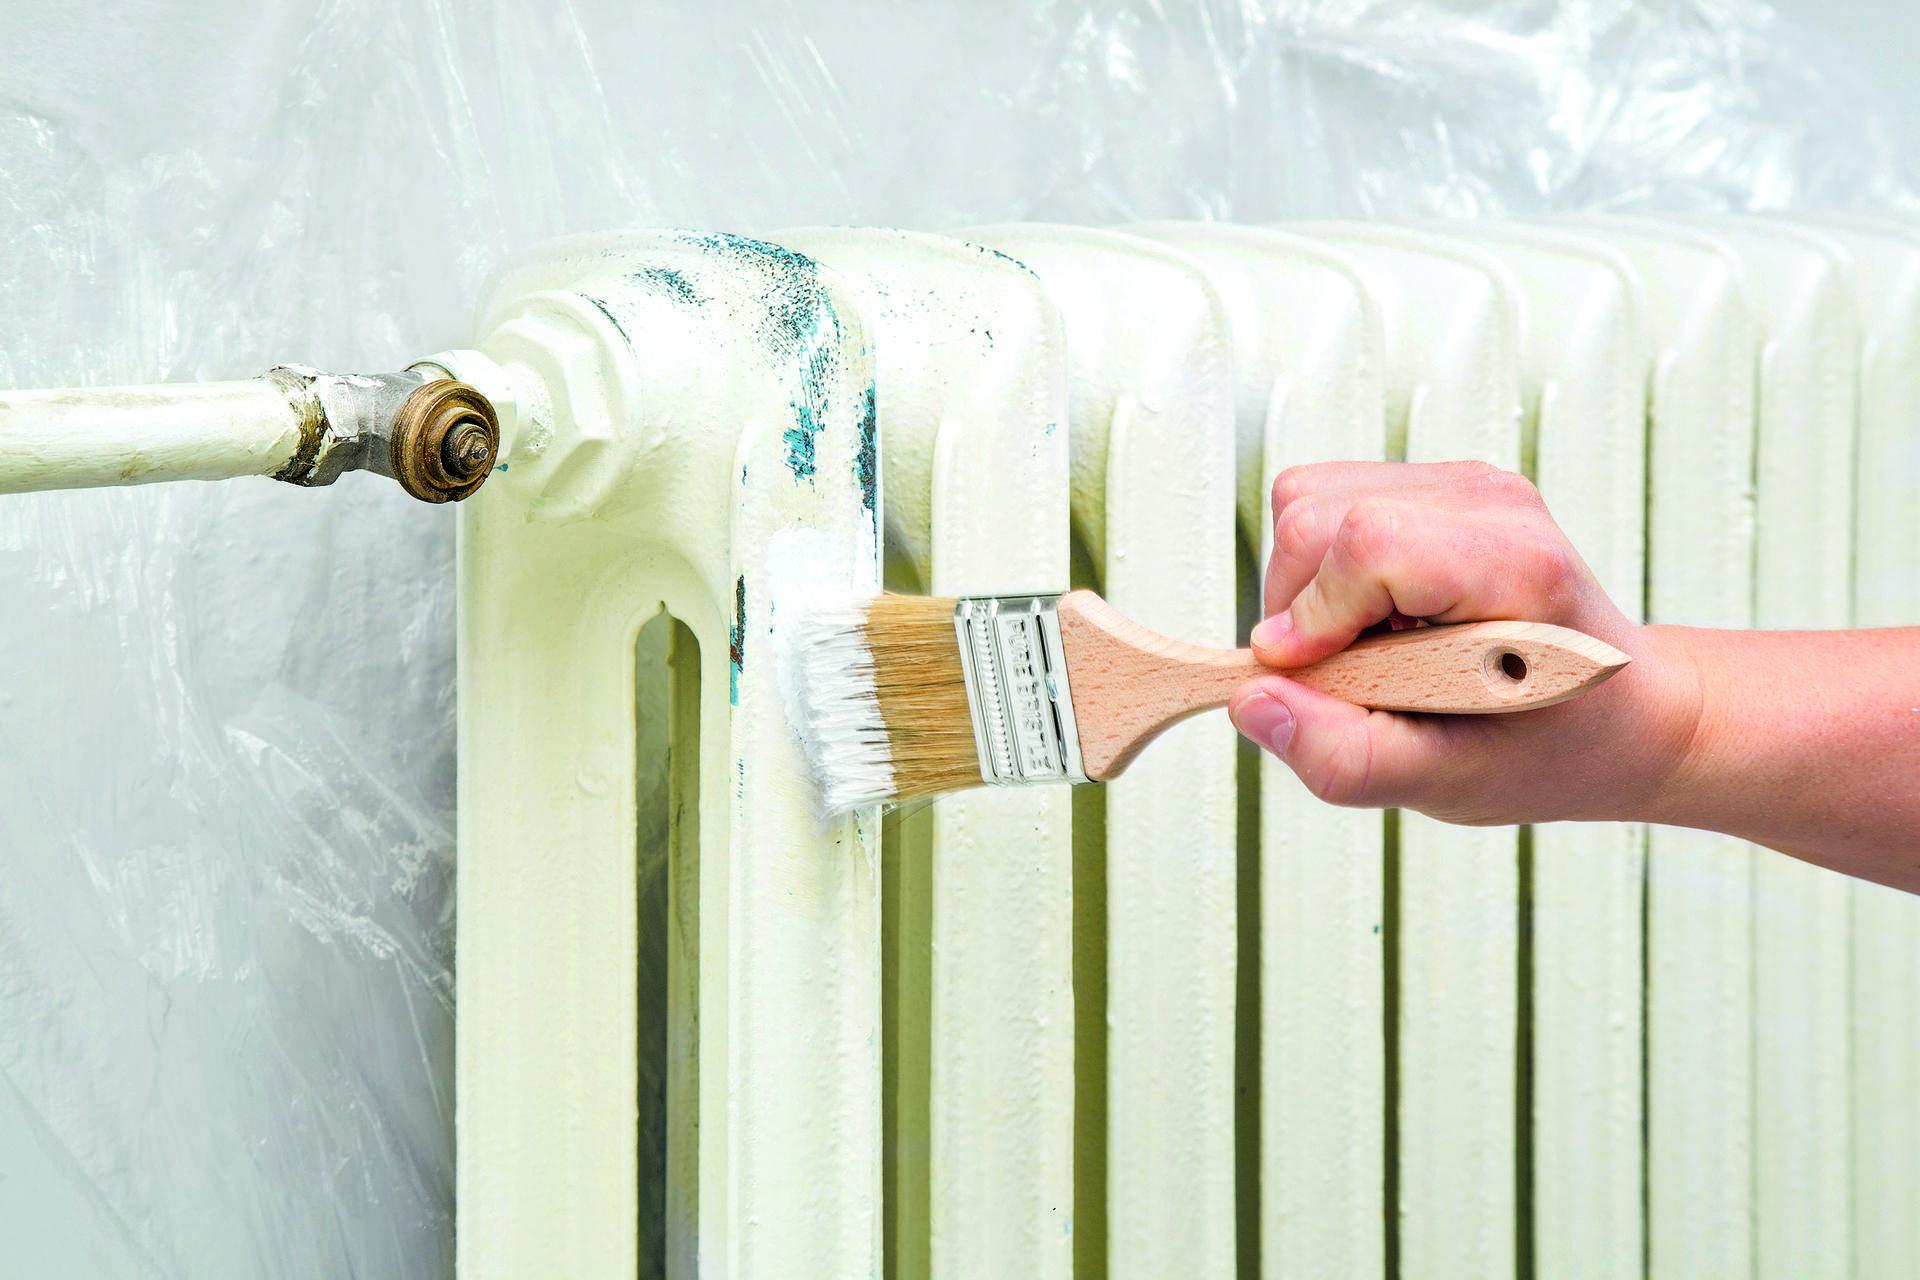 Покраска батарей своими руками: подготовка, технология, краска